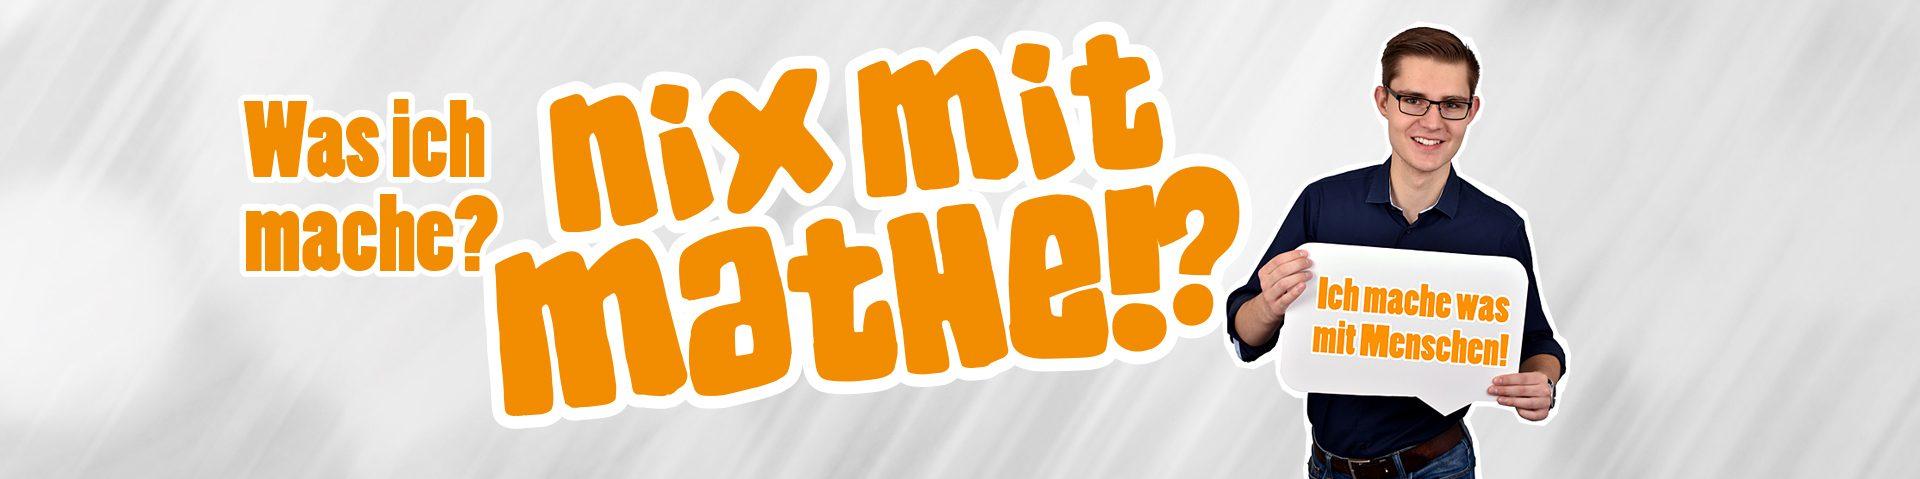 Was ich mache? Nix mit Mathe!? Ich mache was mit Menschen!